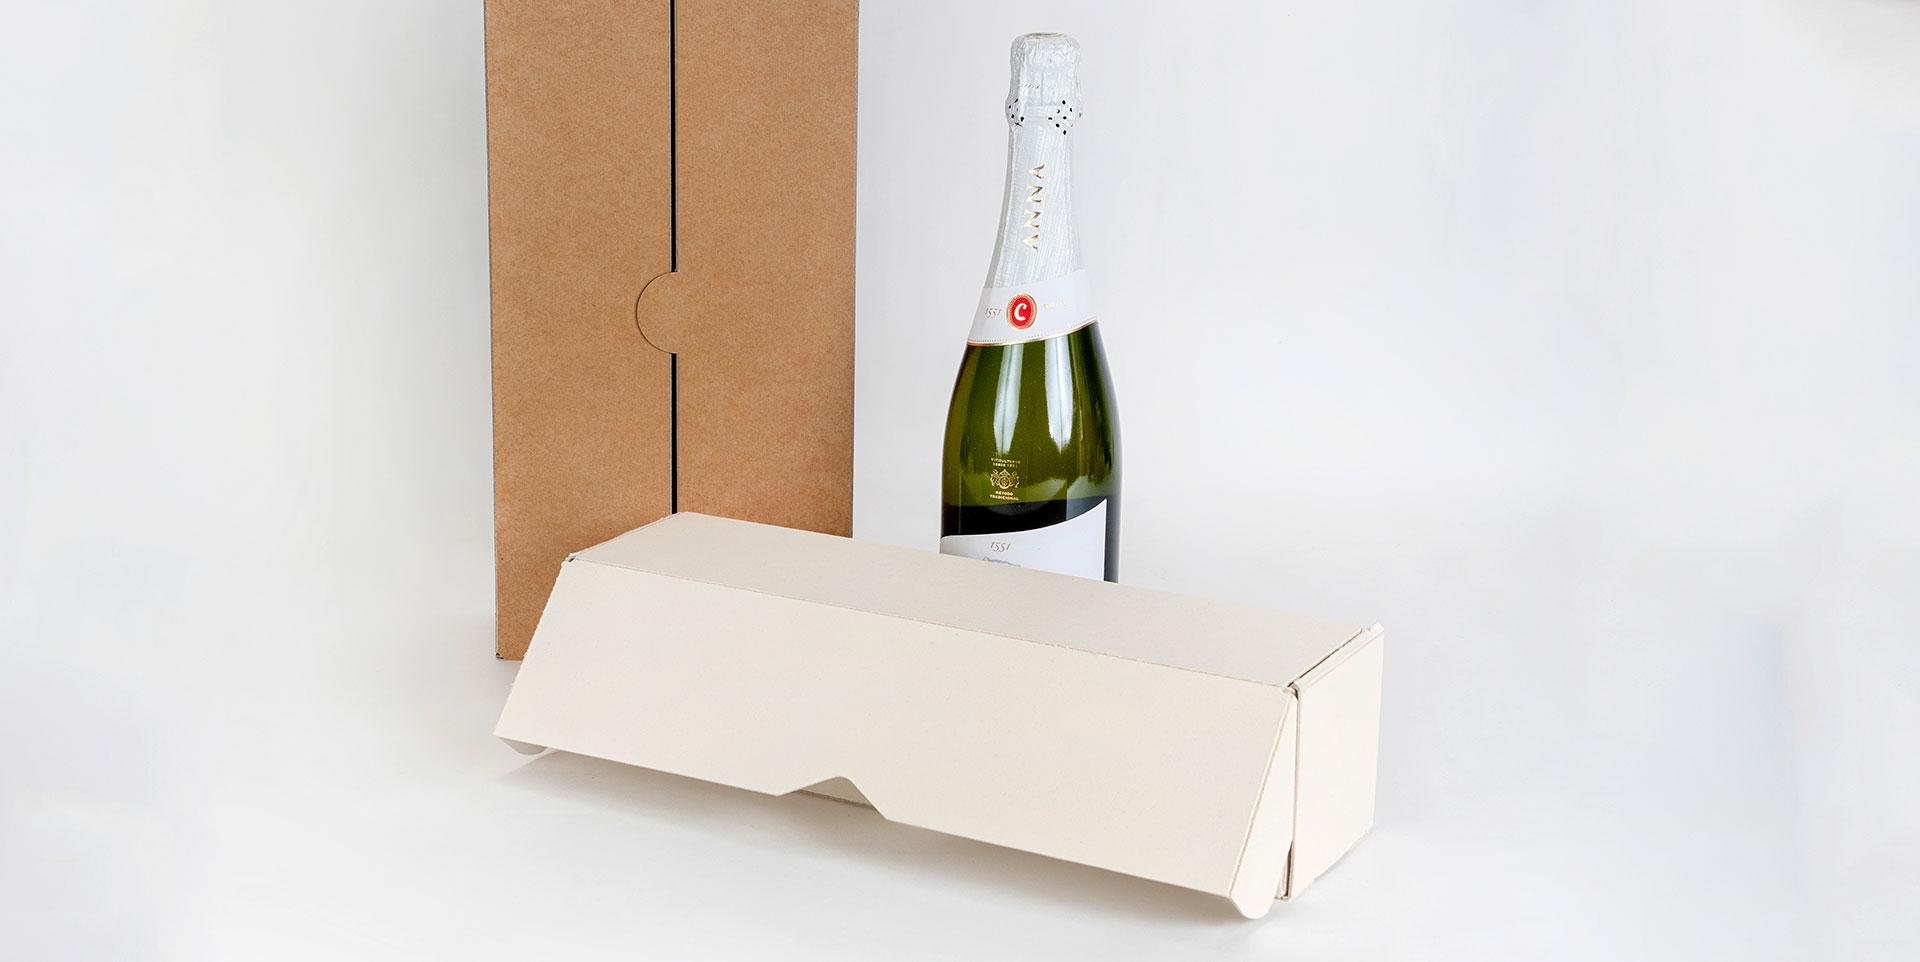 fabricante-de-cajas-de-carton-a-medida-y-personalizadas-ecologicas-ecoline-2.jpg